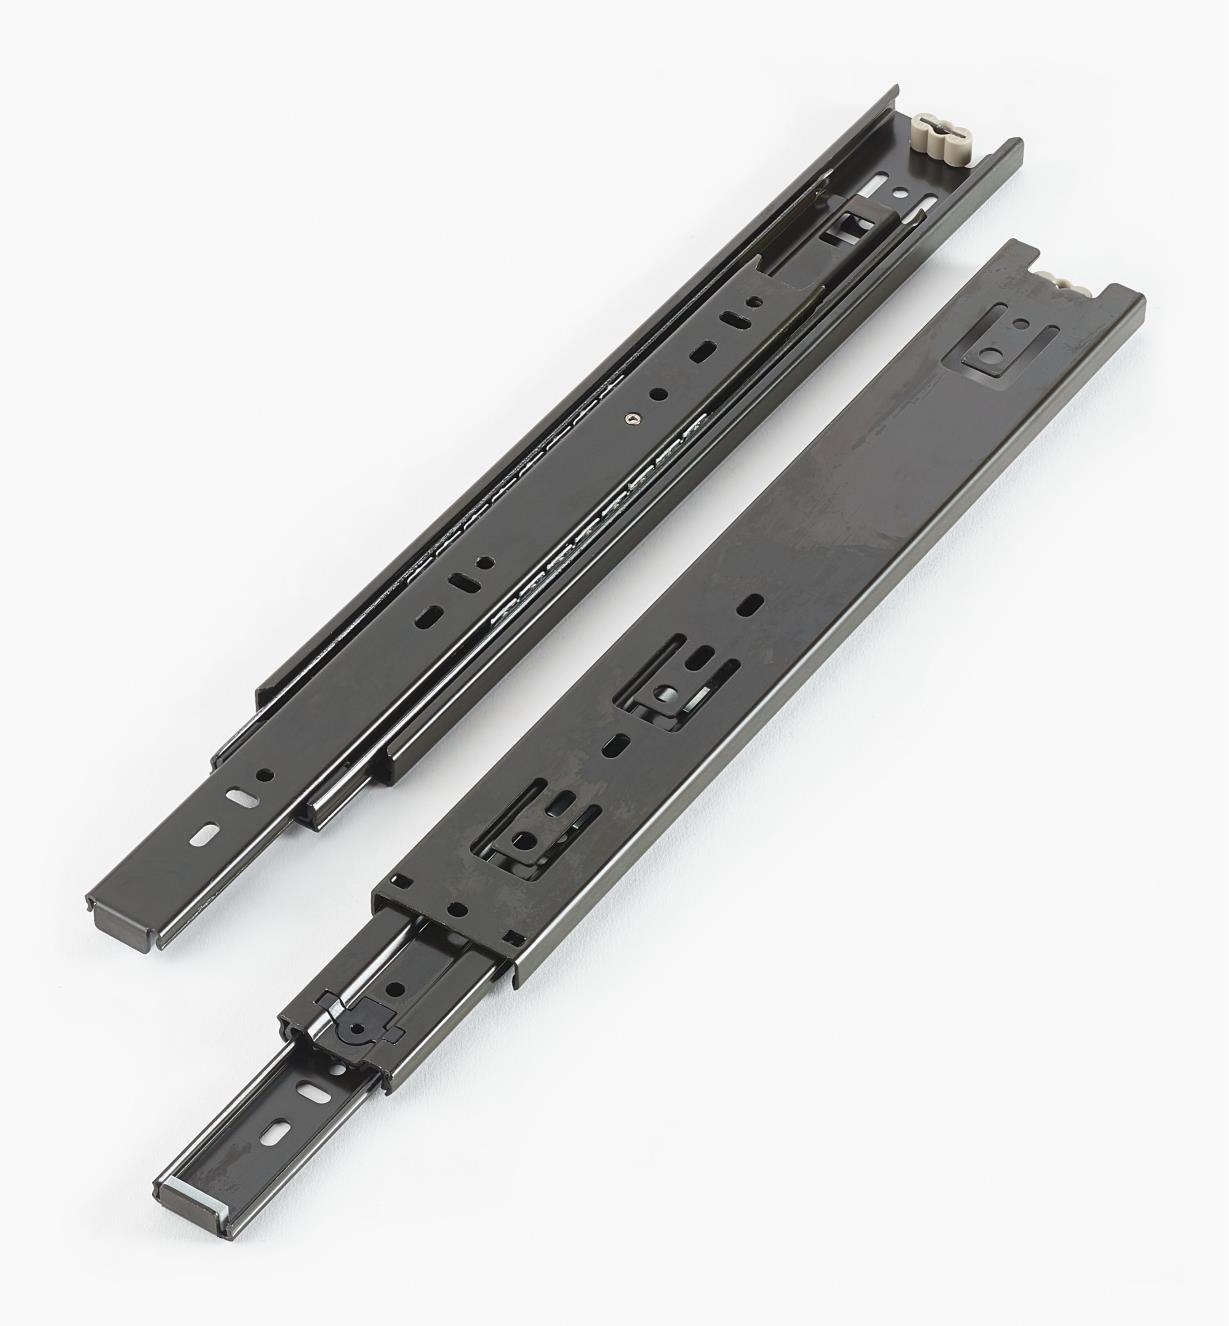 02K3612 - Coulisses de 12po à extension complète pour charge de 100lb, fini noir, la paire